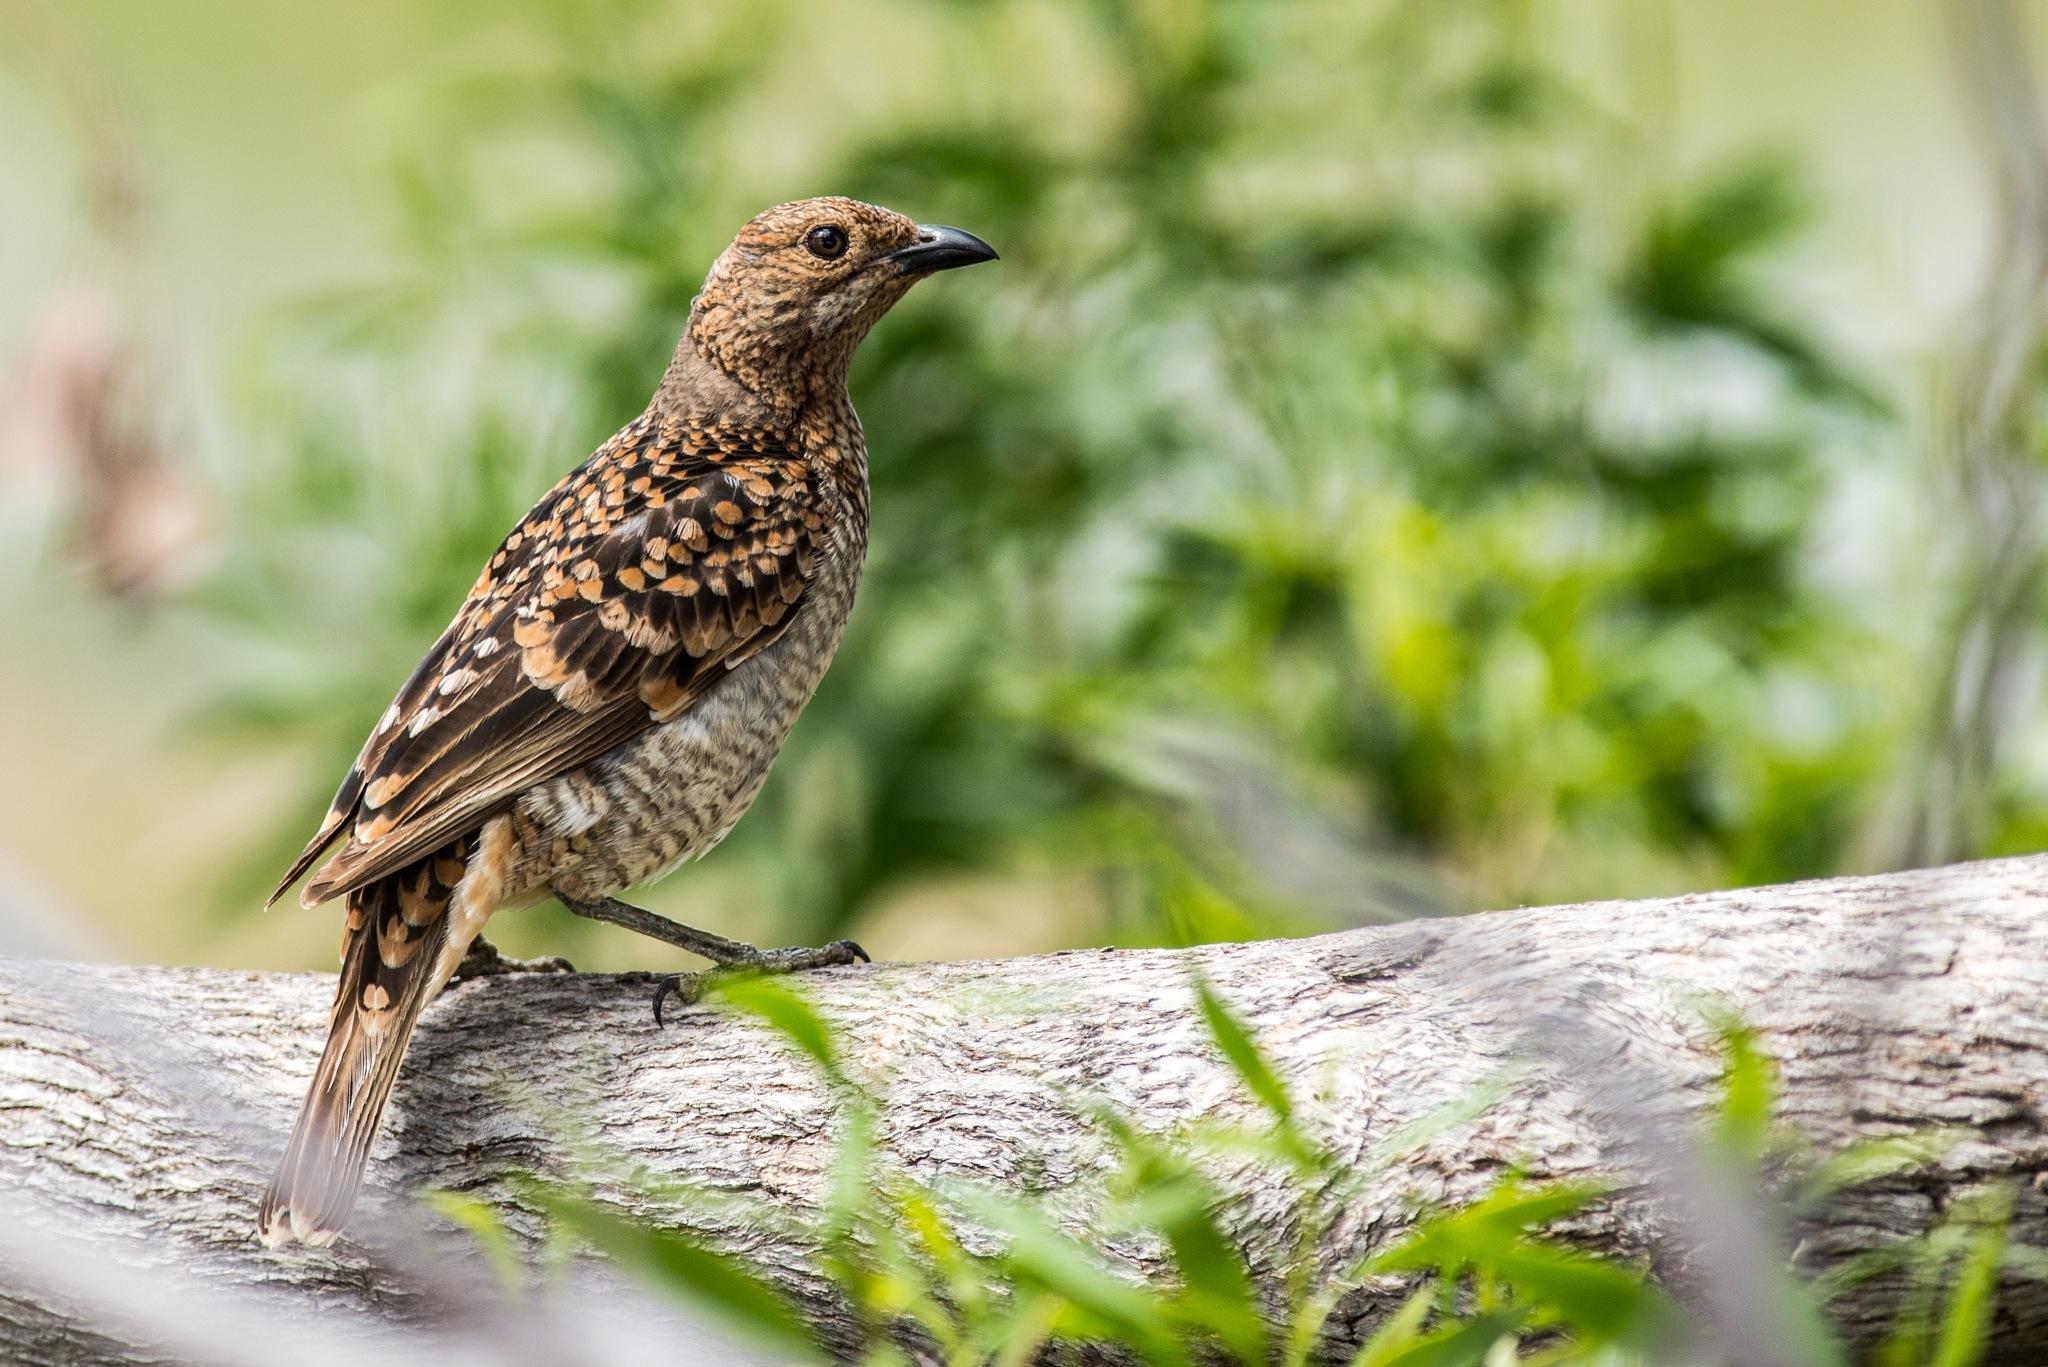 Spotted Bowerbird by chrisgnixon